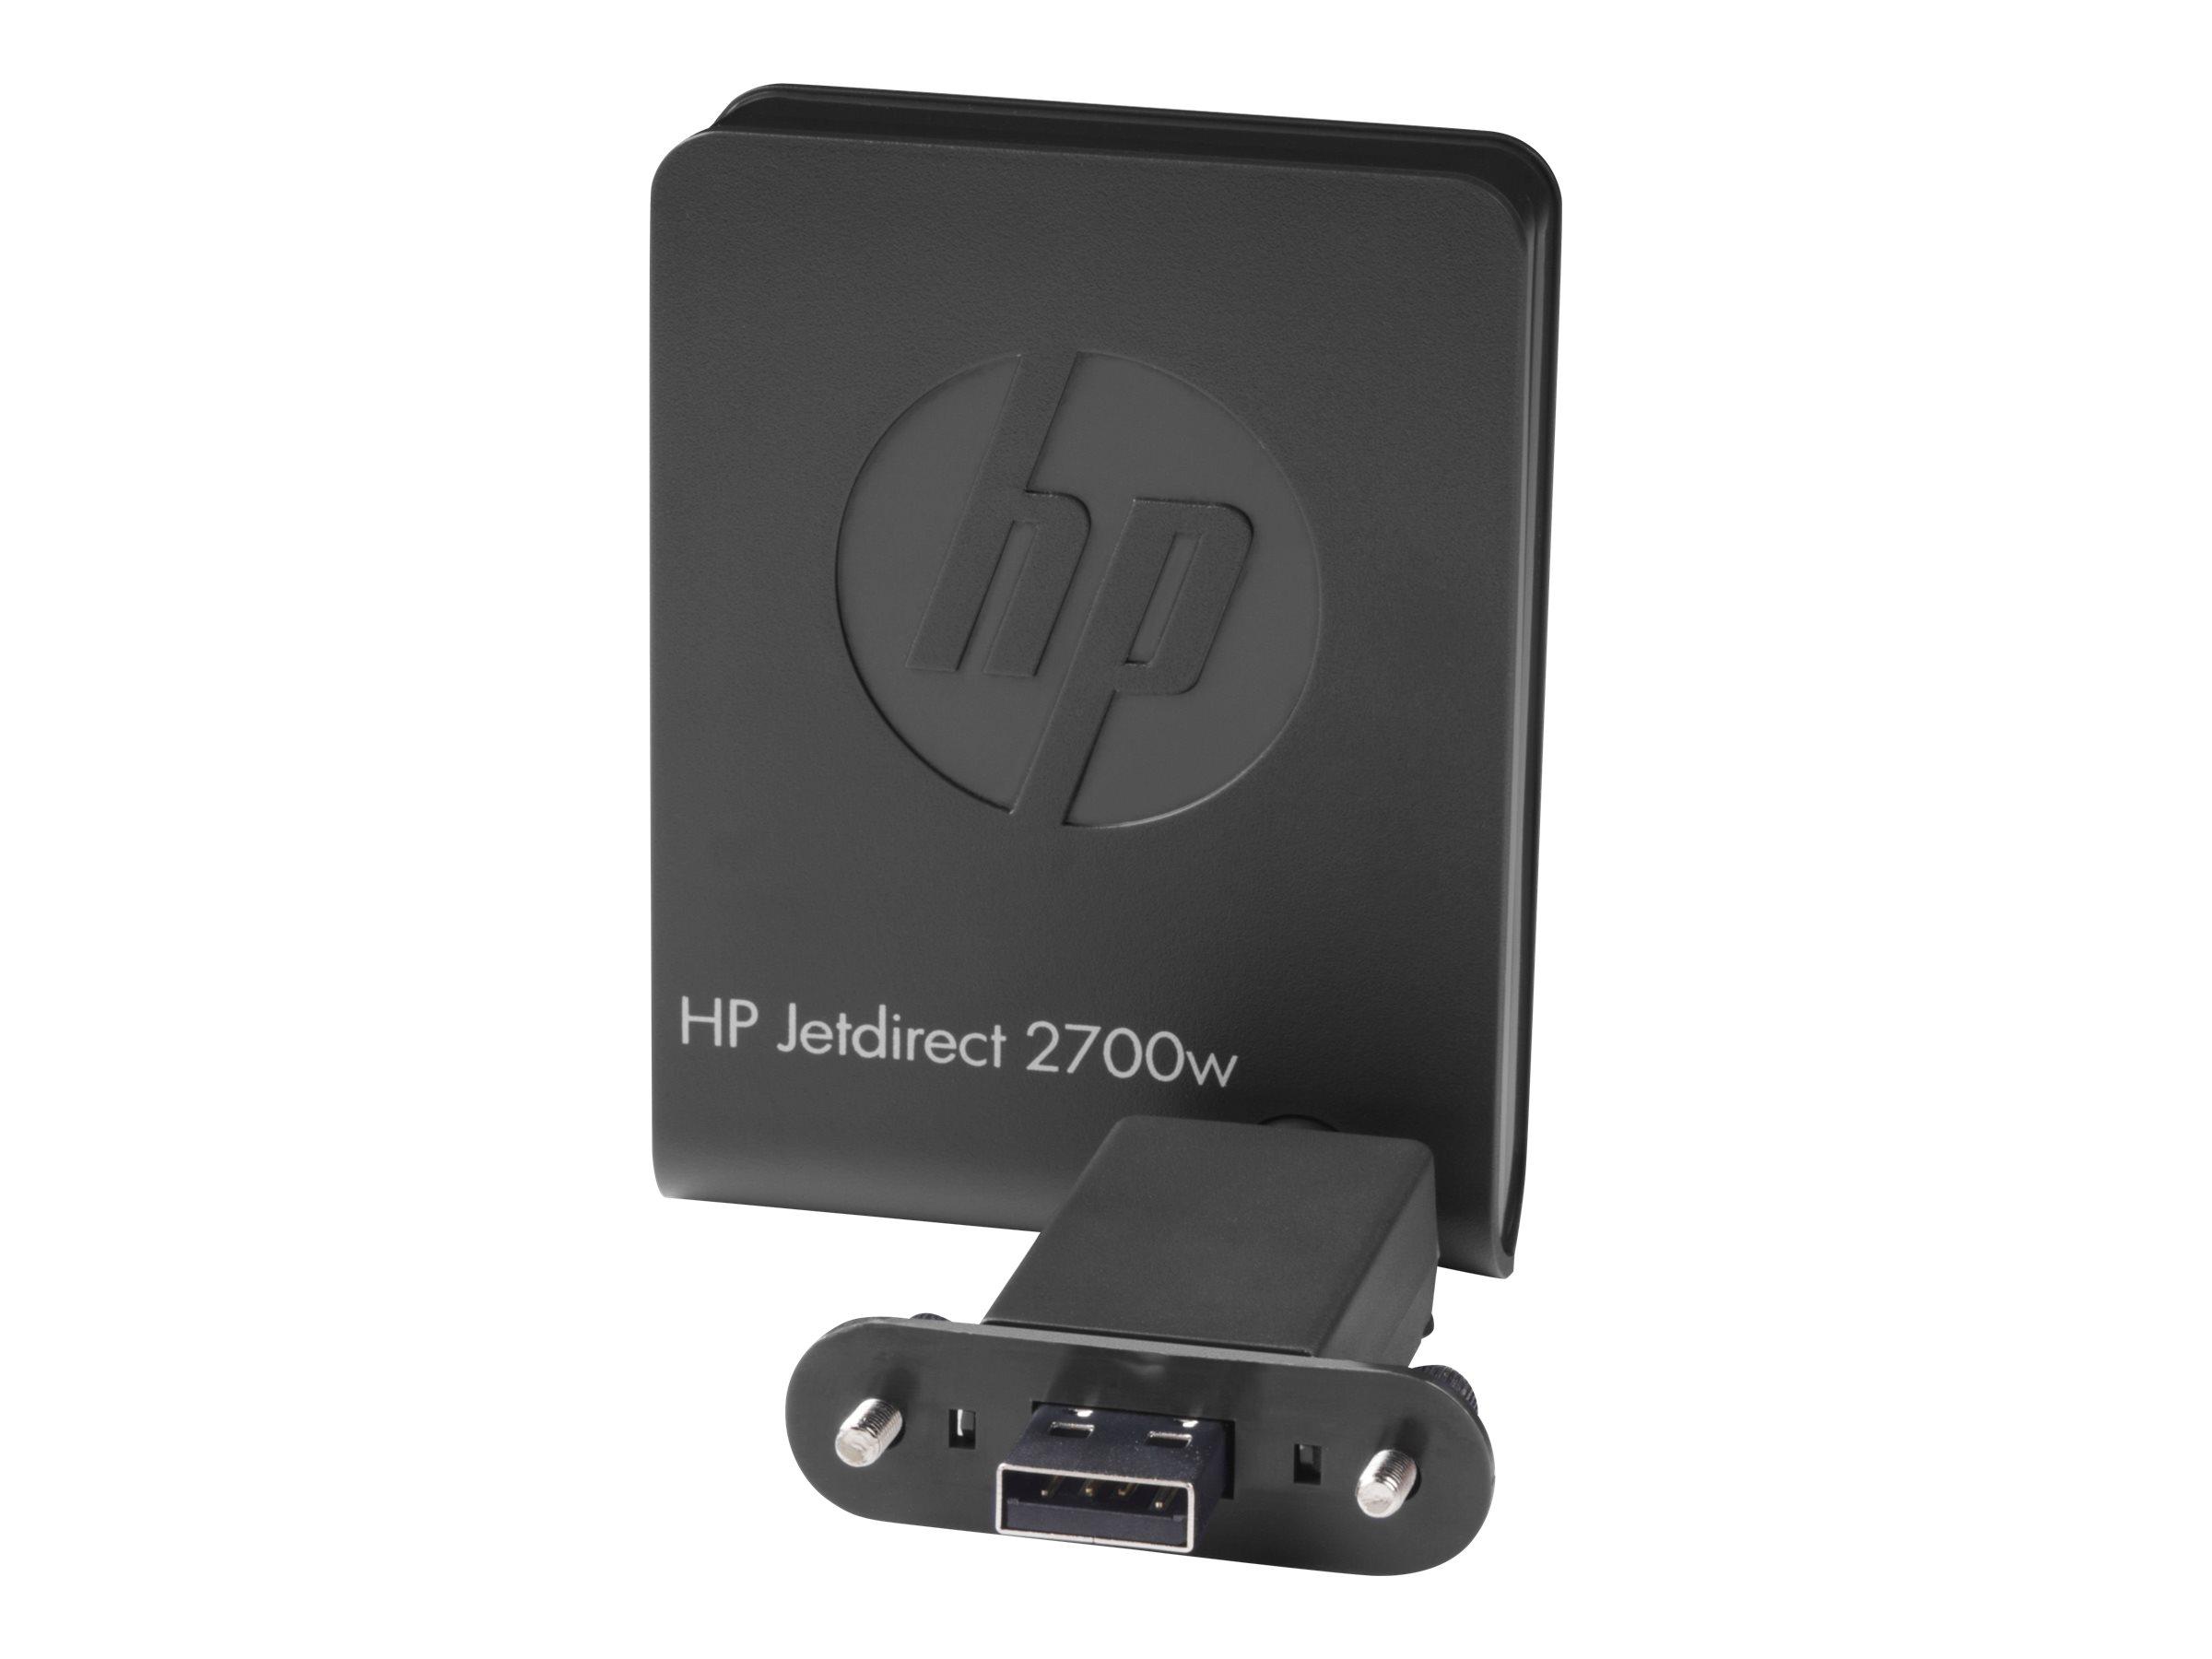 HP Jetdirect 2700w Wireless USB-Printserver(J8026A)